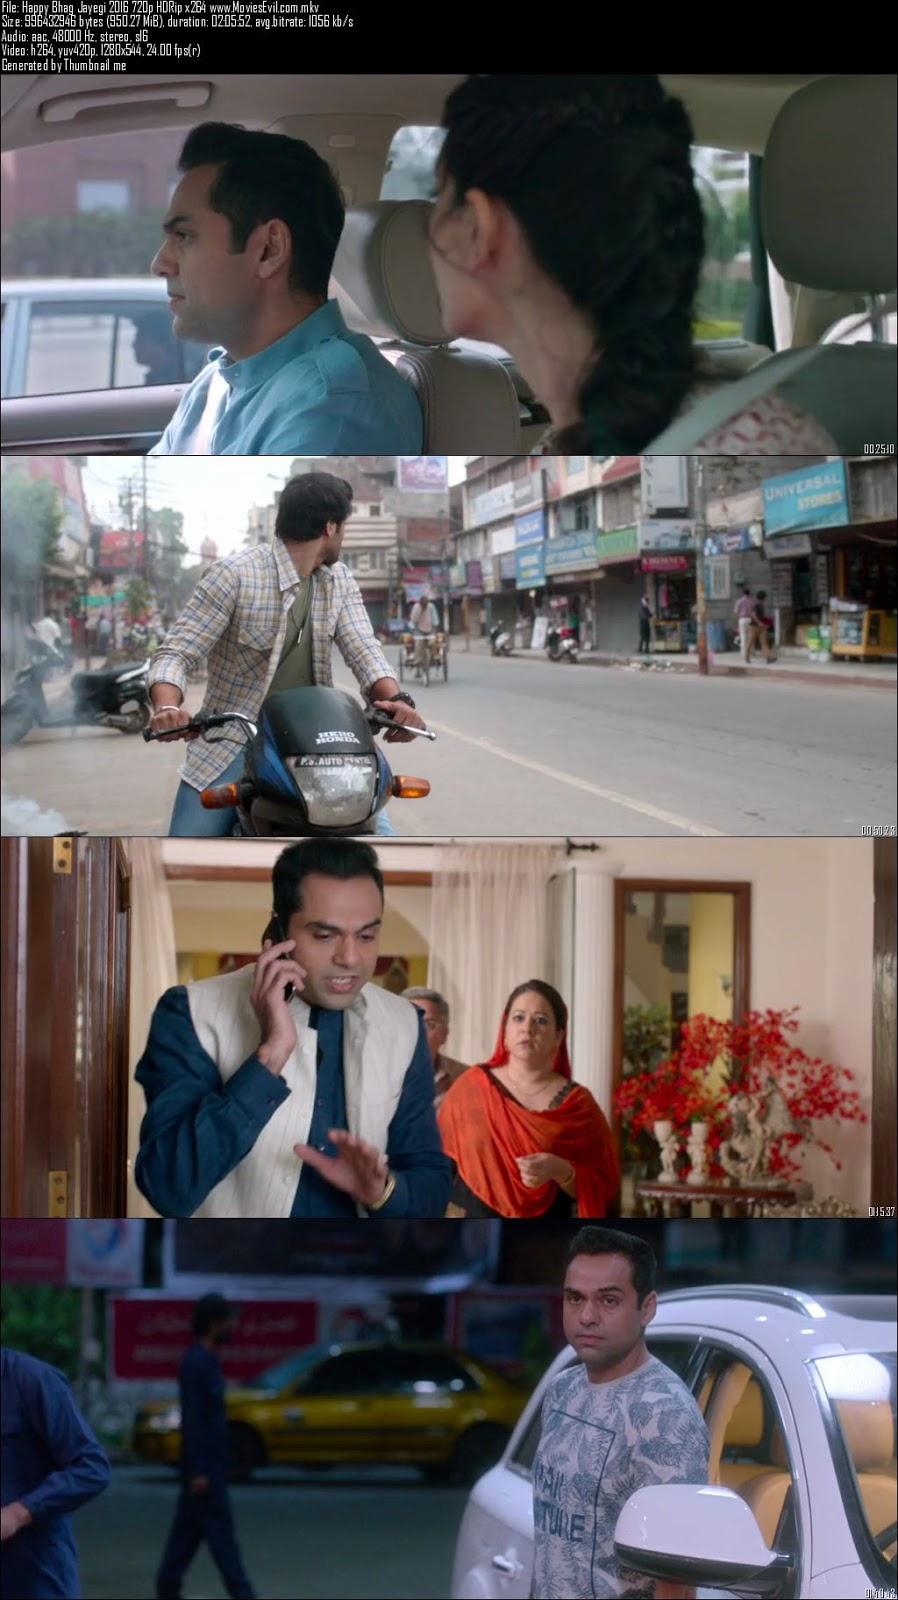 Correspondence 2016 Full Movie Download: Happy Bhag Jayegi 2016 720p BluRay Hindi Full Movie Download